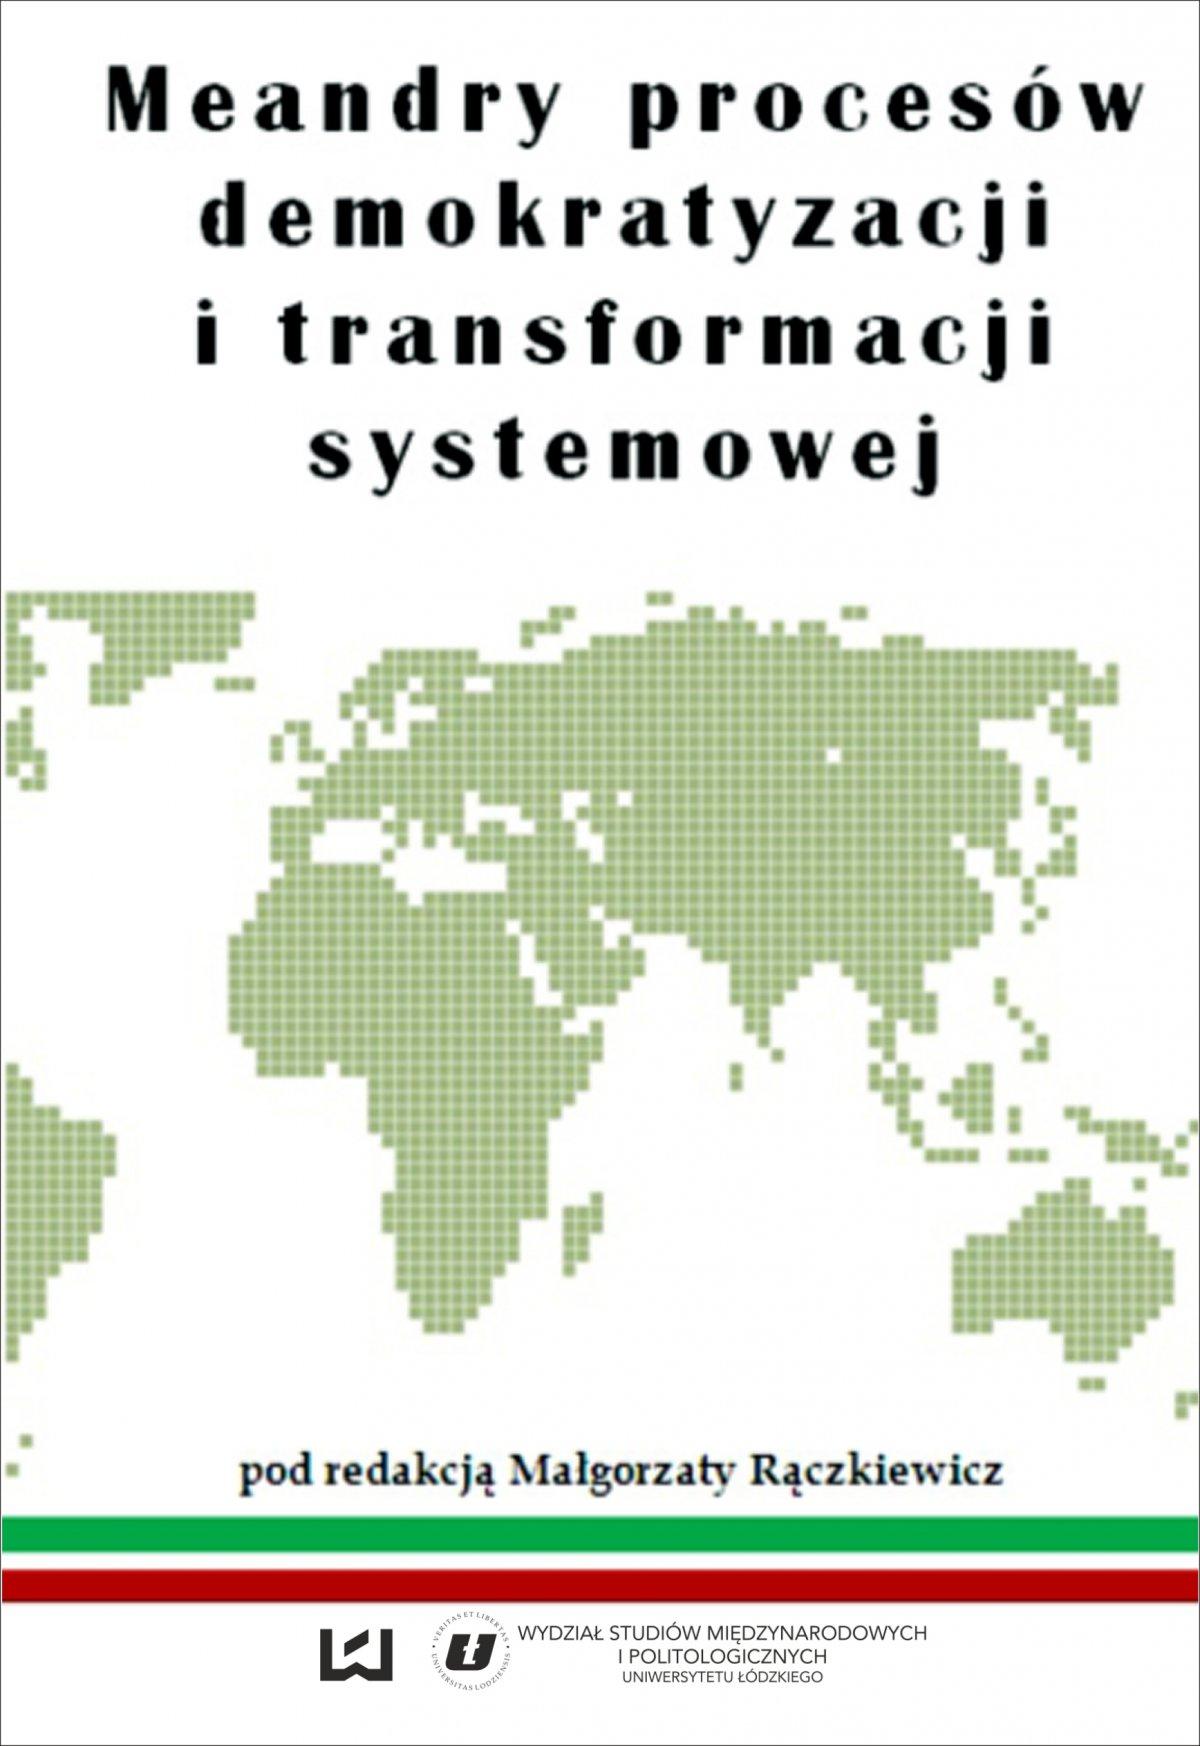 Meandry procesów demokratyzacji i transformacji systemowej - Ebook (Książka PDF) do pobrania w formacie PDF